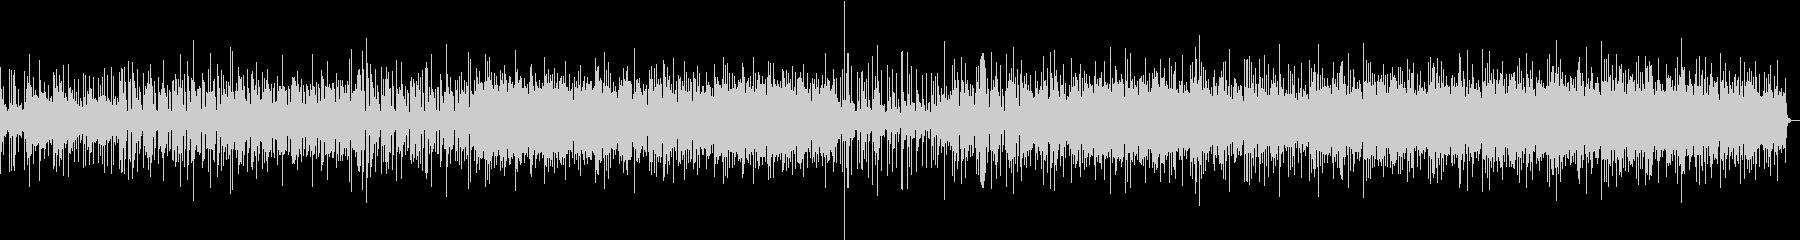 クールでダークなグルーブ感あるファンクの未再生の波形